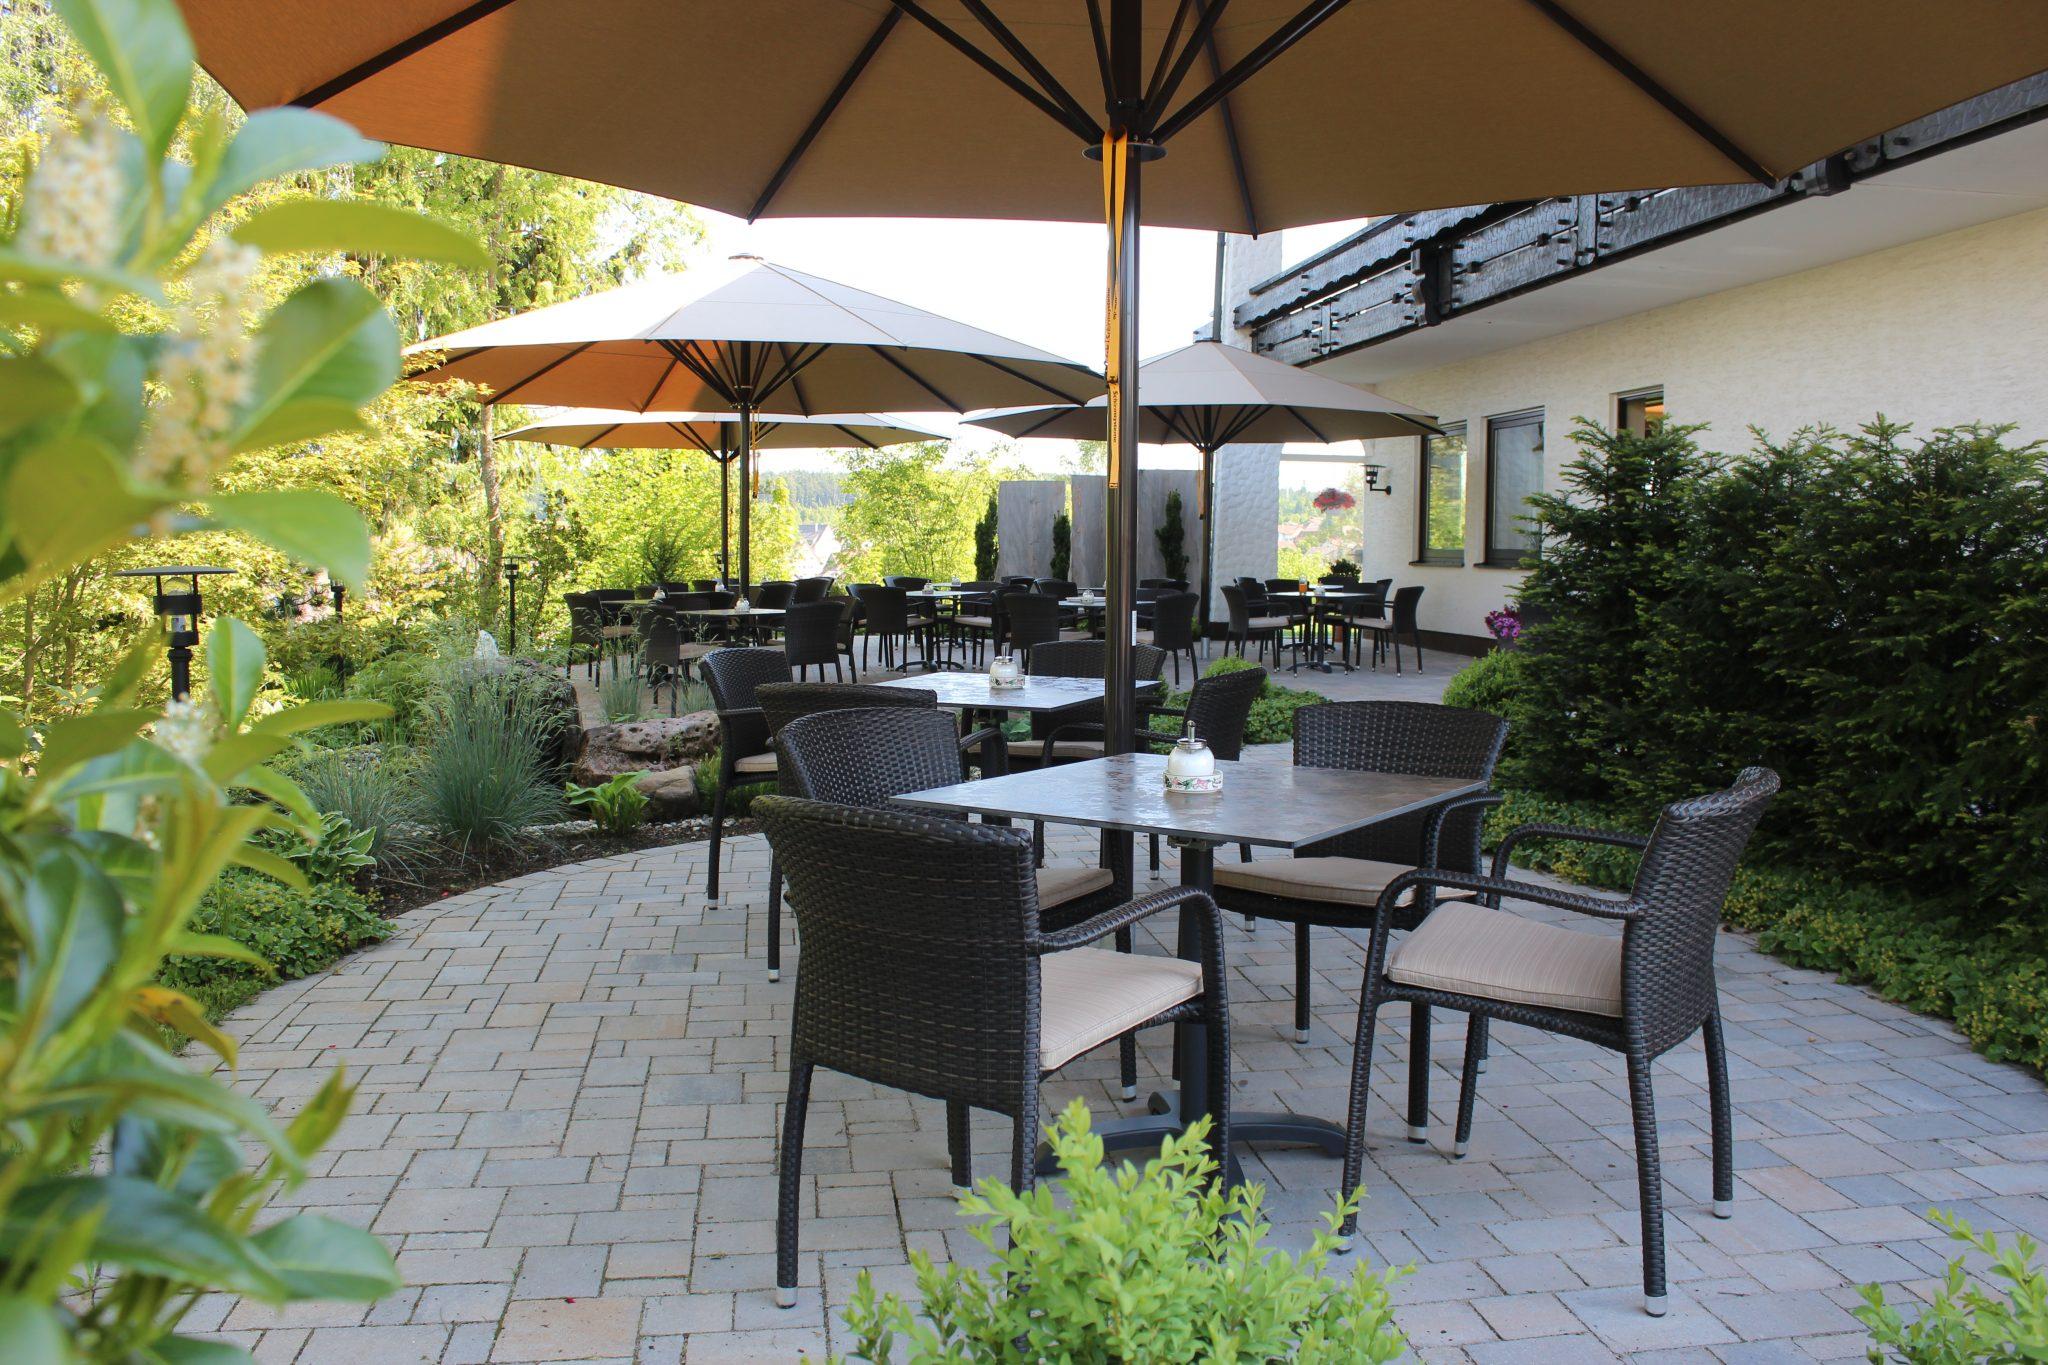 Bezaubernd Garten Terrasse Referenz Von Unsere Gartenterrasse Ist Auch Als Ausflugsziel Bei